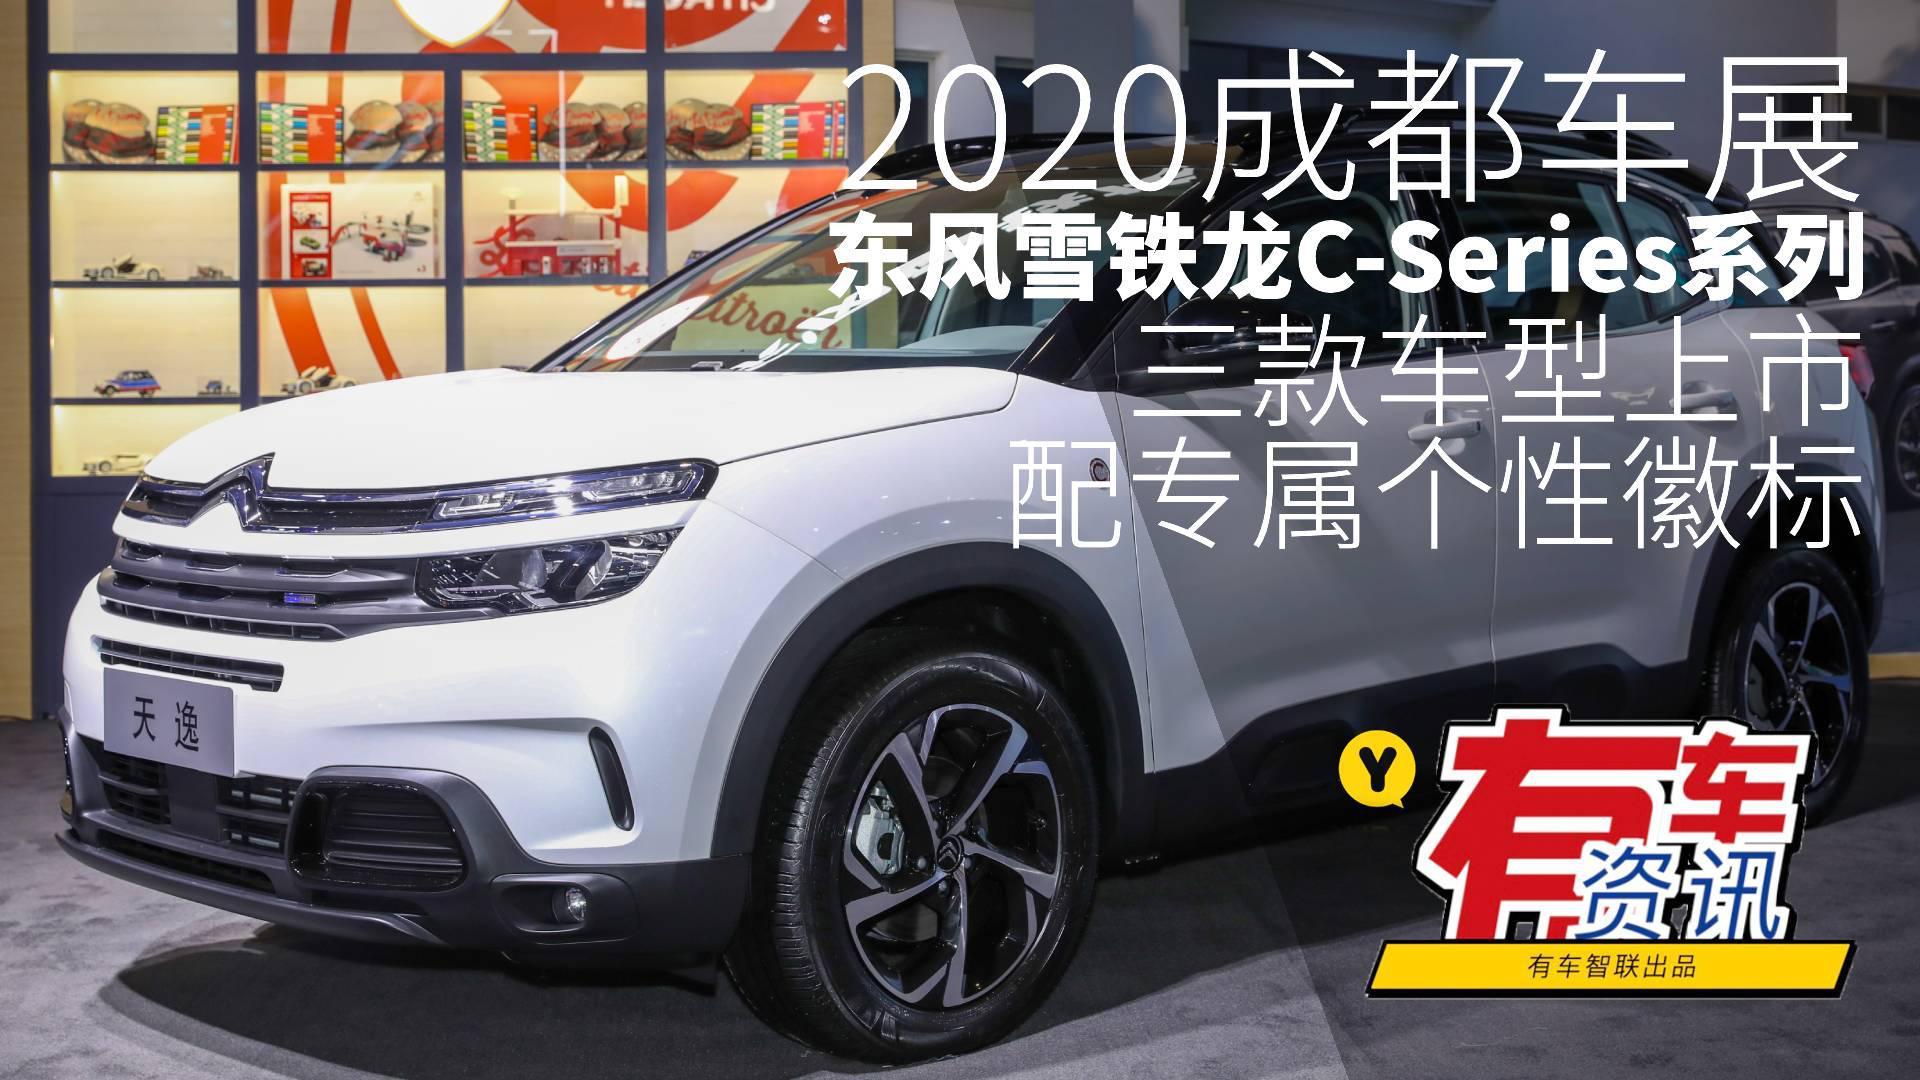 视频:2020成都车展丨东风雪铁龙C-Series系列车型上市 配专属个性徽标